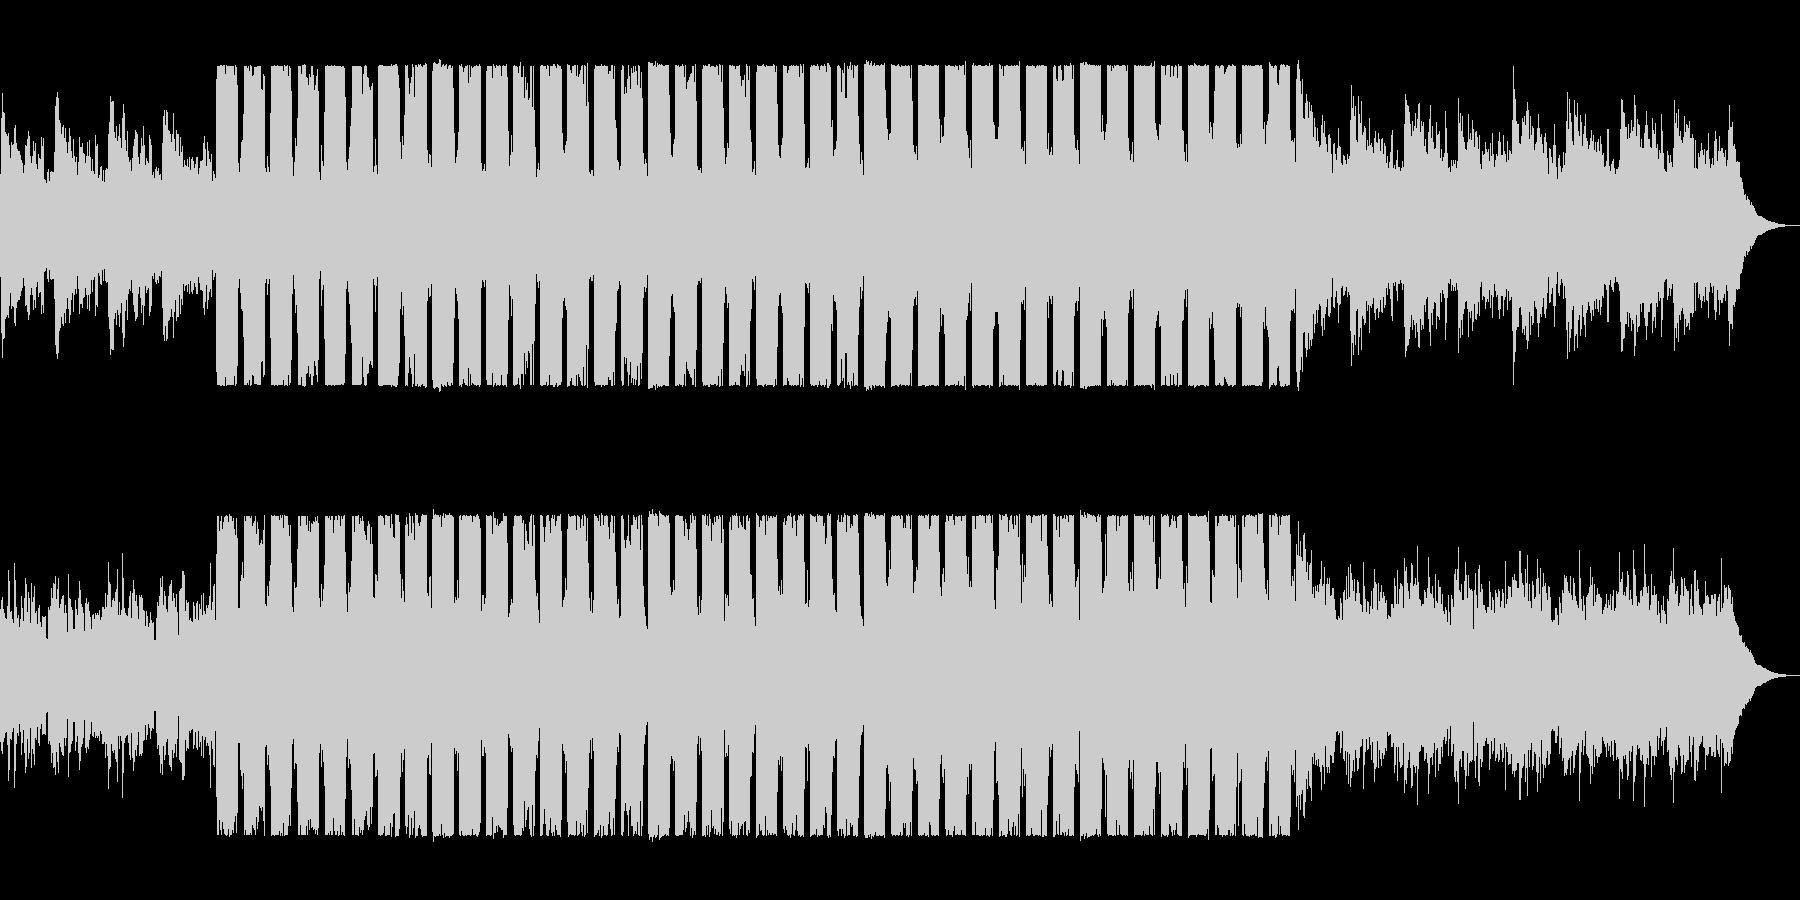 滑らかで綺麗なピアノドラムンベーステクノの未再生の波形